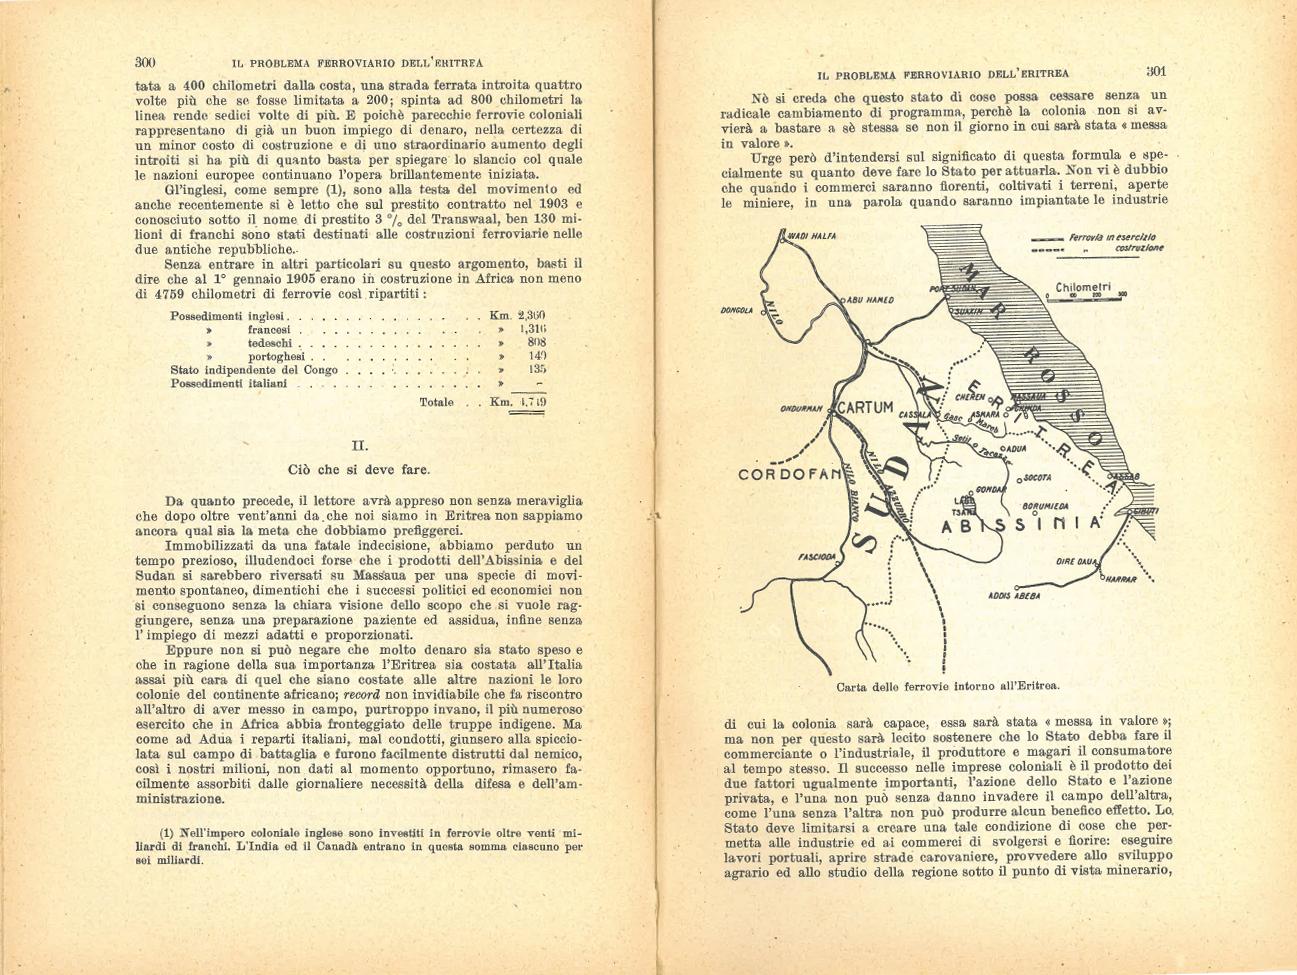 Il problema ferroviario dell'Eritrea #7